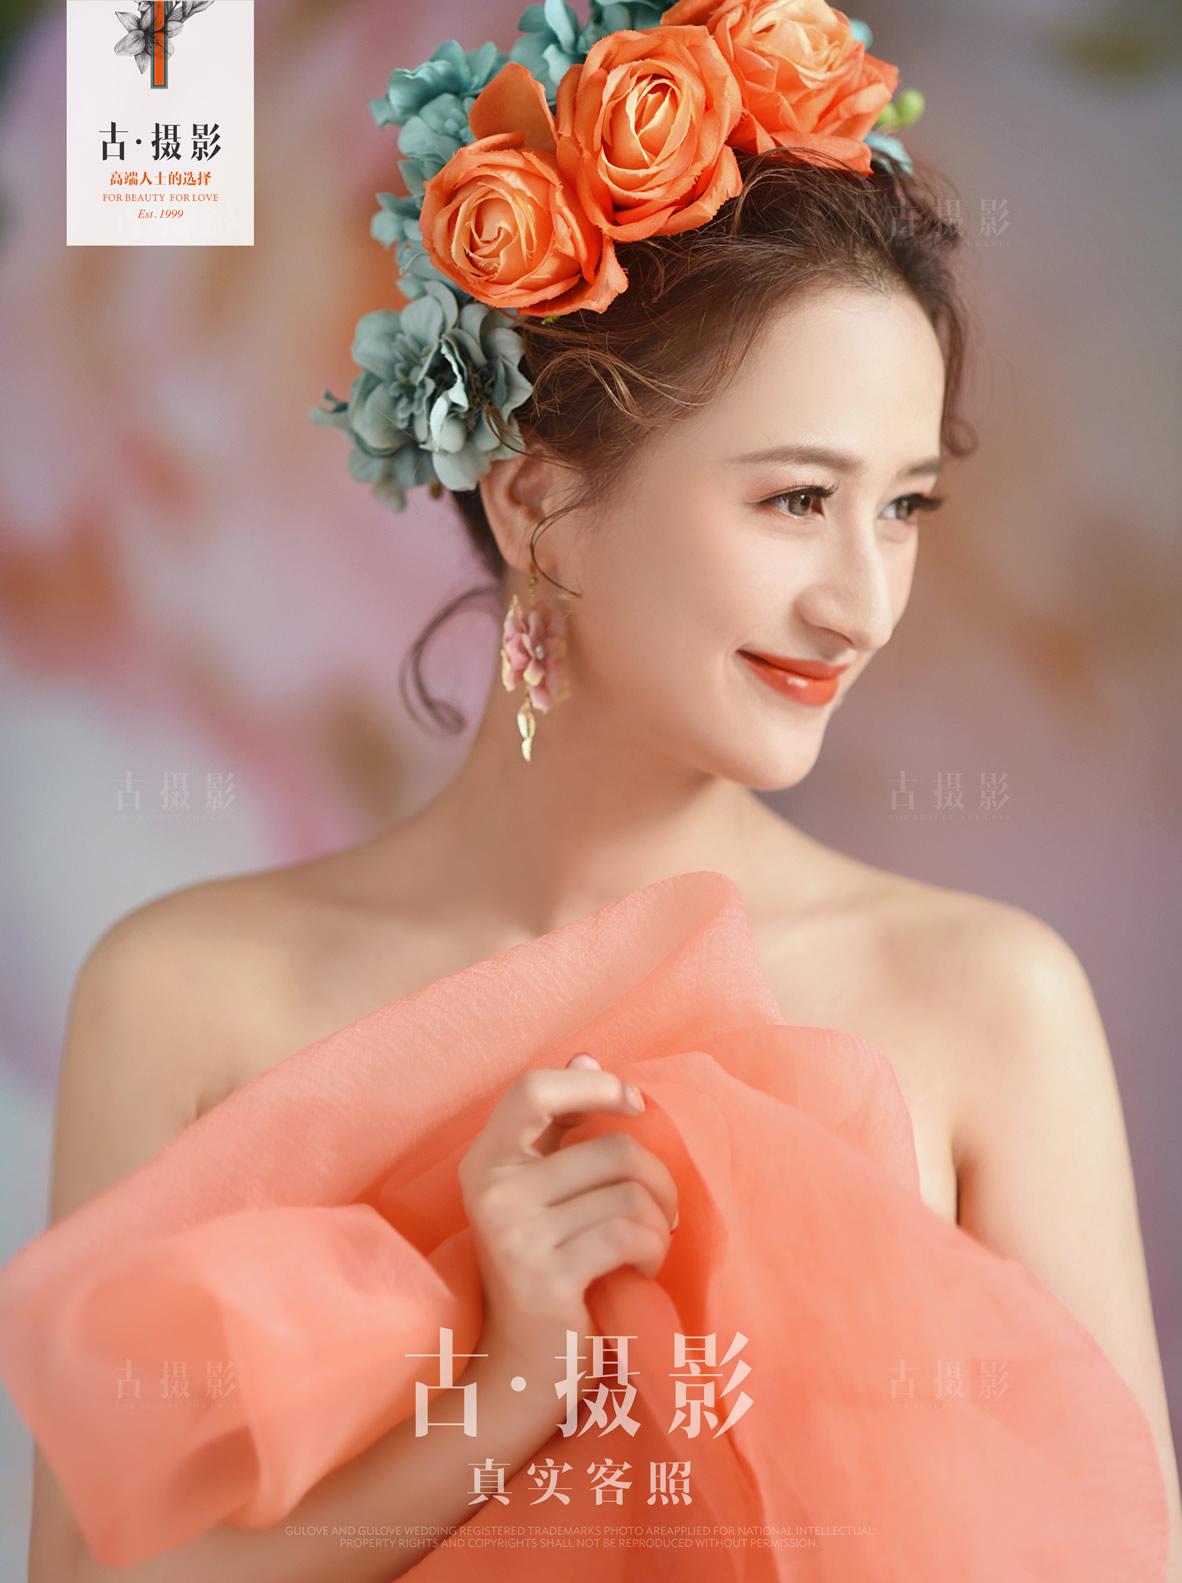 5月9日客片徐先生 孙小姐 - 每日客照 - love上海古摄影-上海婚纱摄影网